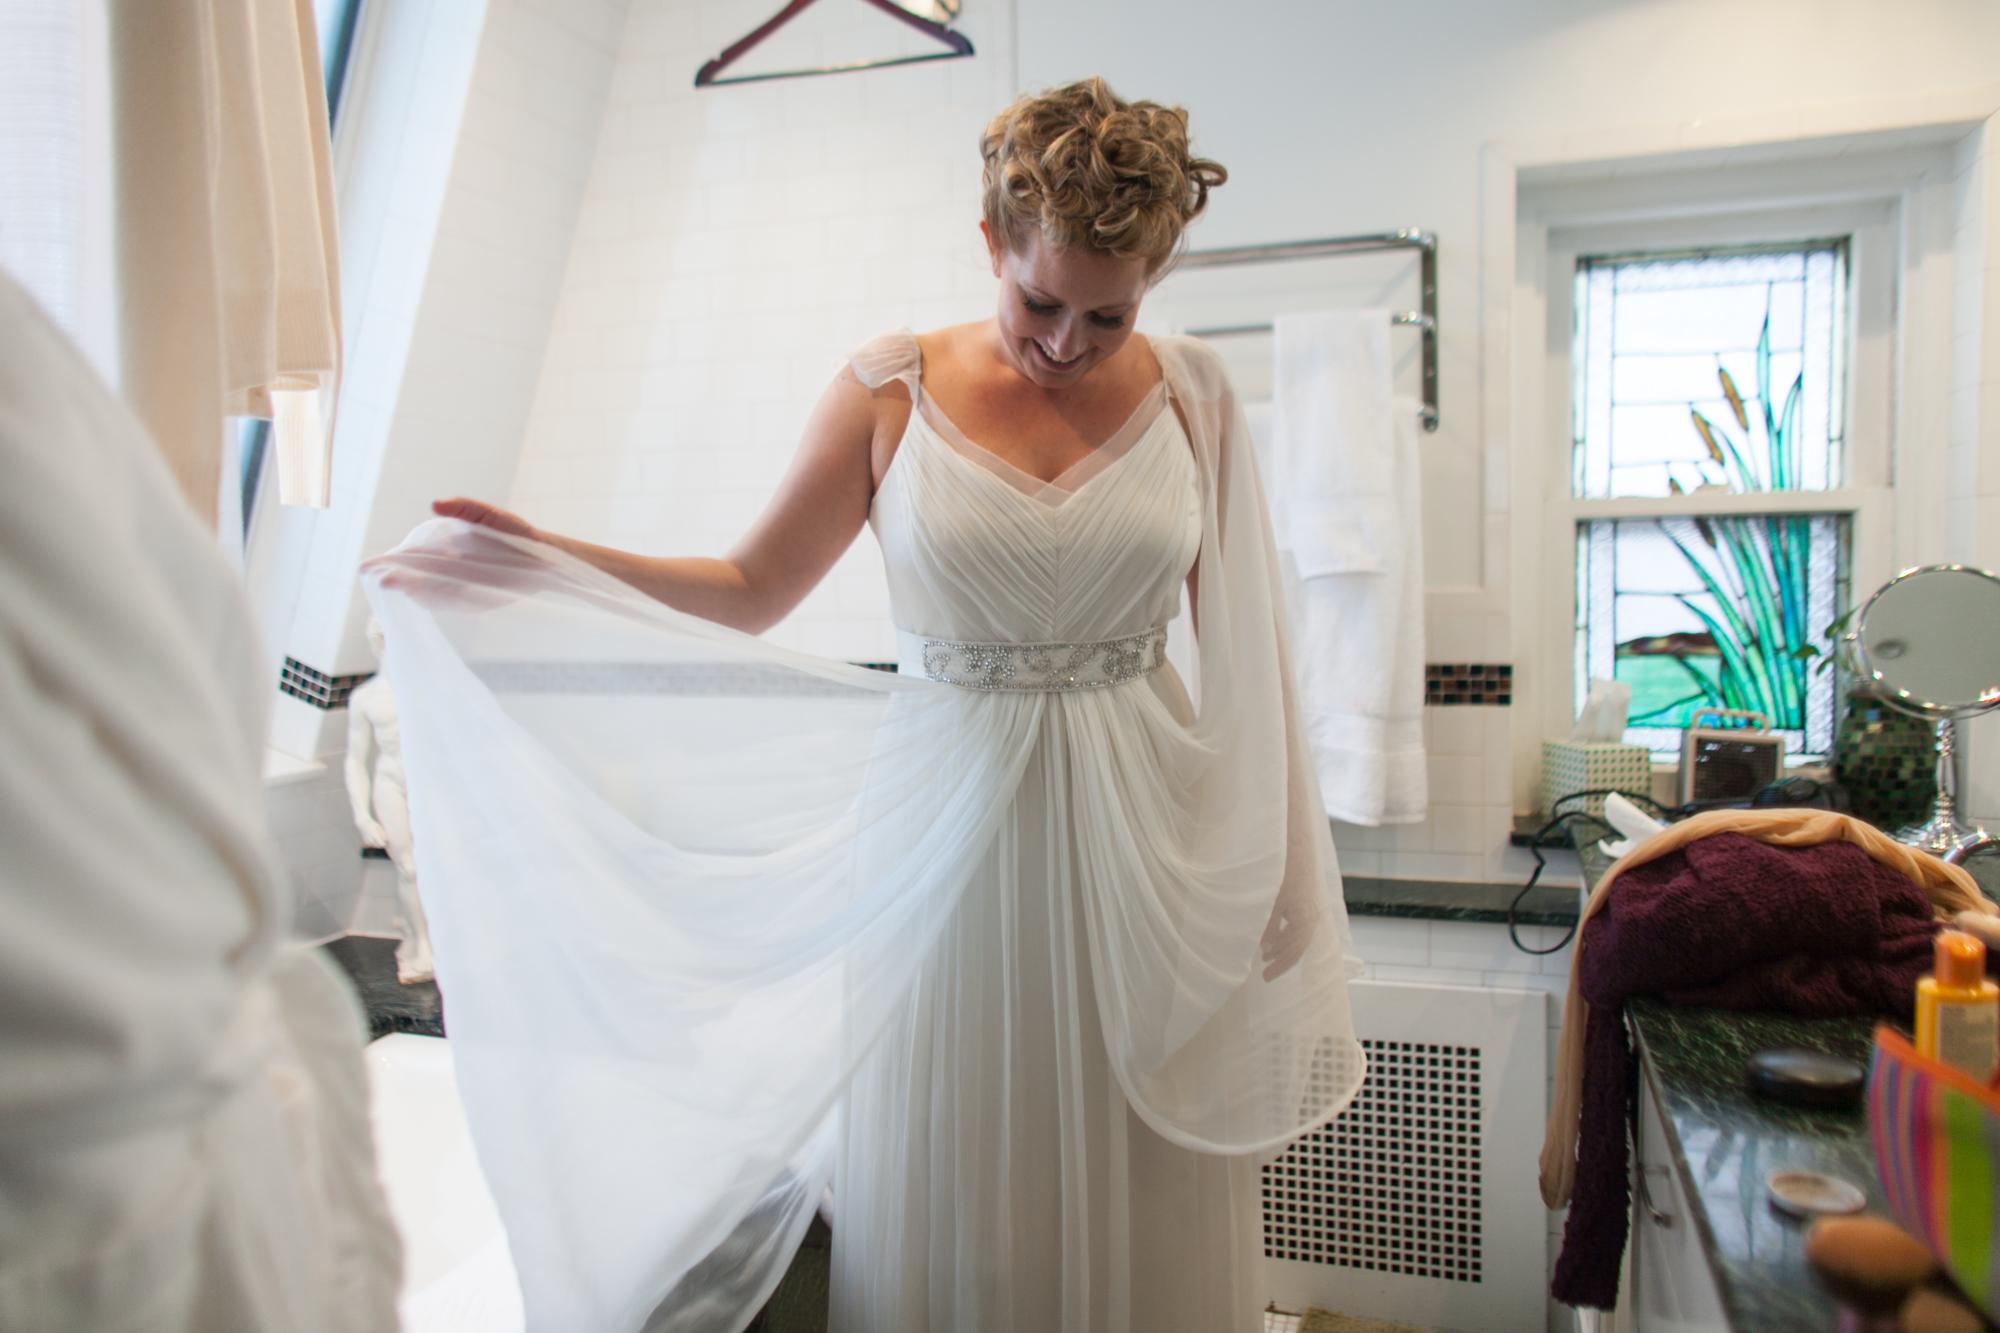 HeatherPhelpsLipton-Modern-WeddingPhotography-GreenBuilding-winter-prospectpark-9.jpg